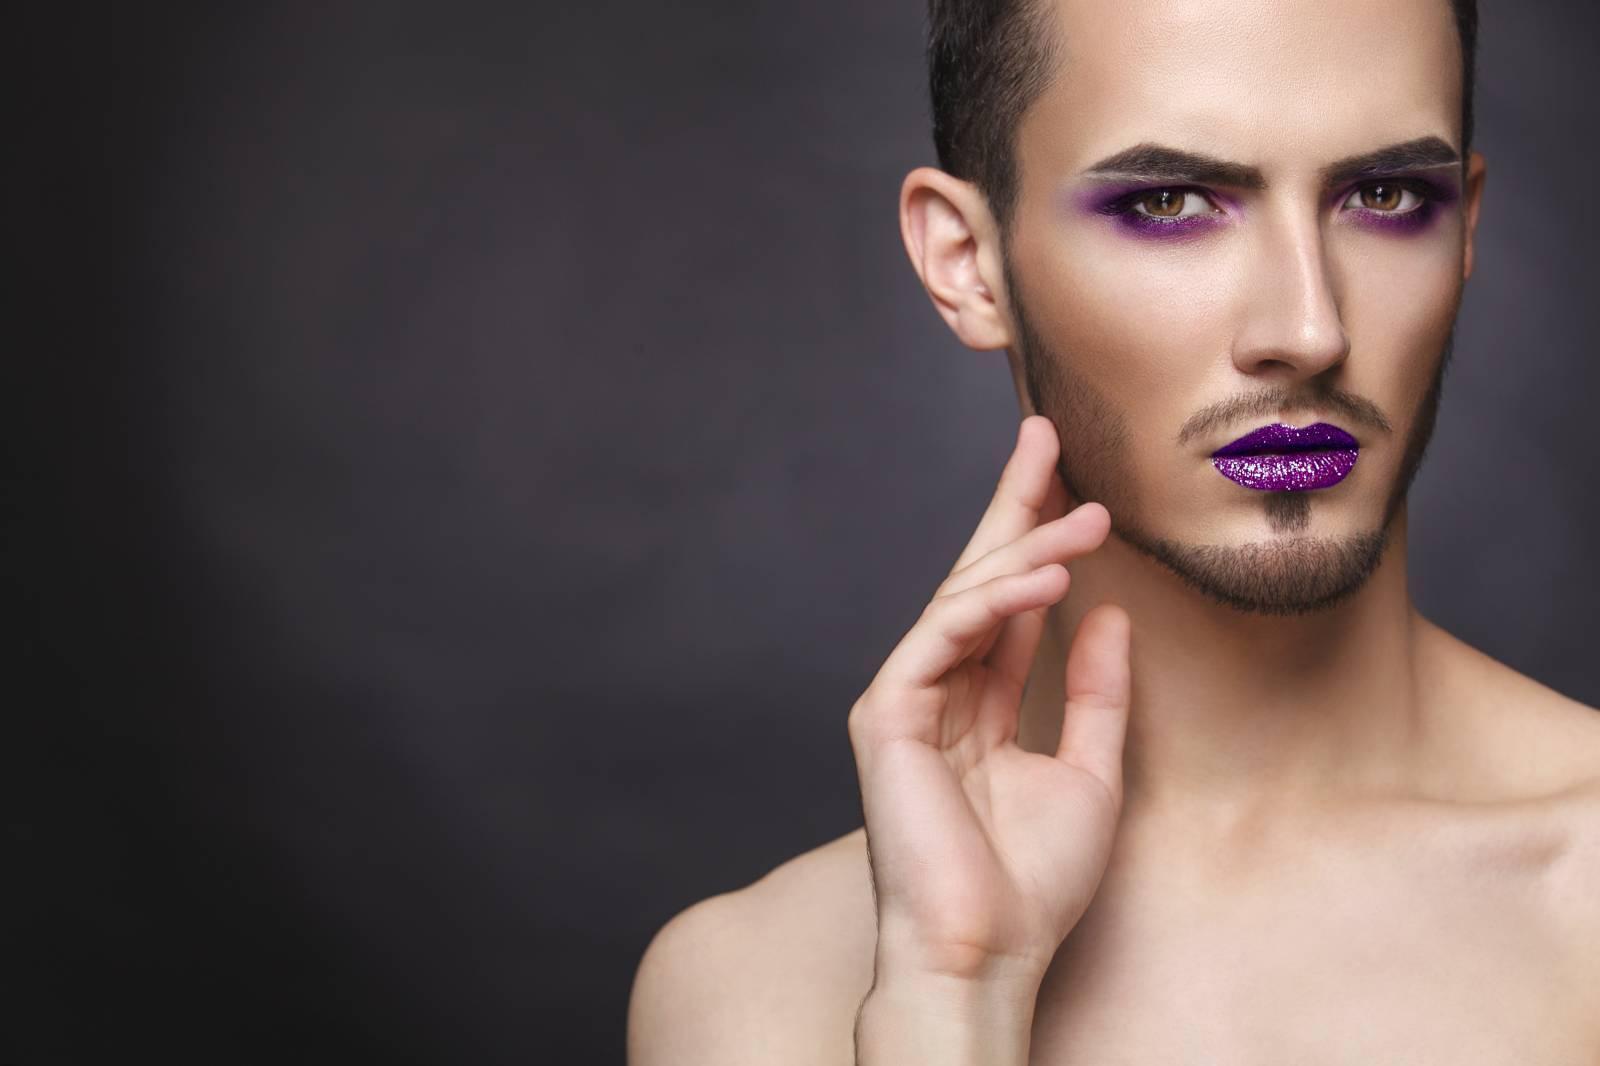 problèmes de rencontres transgenres